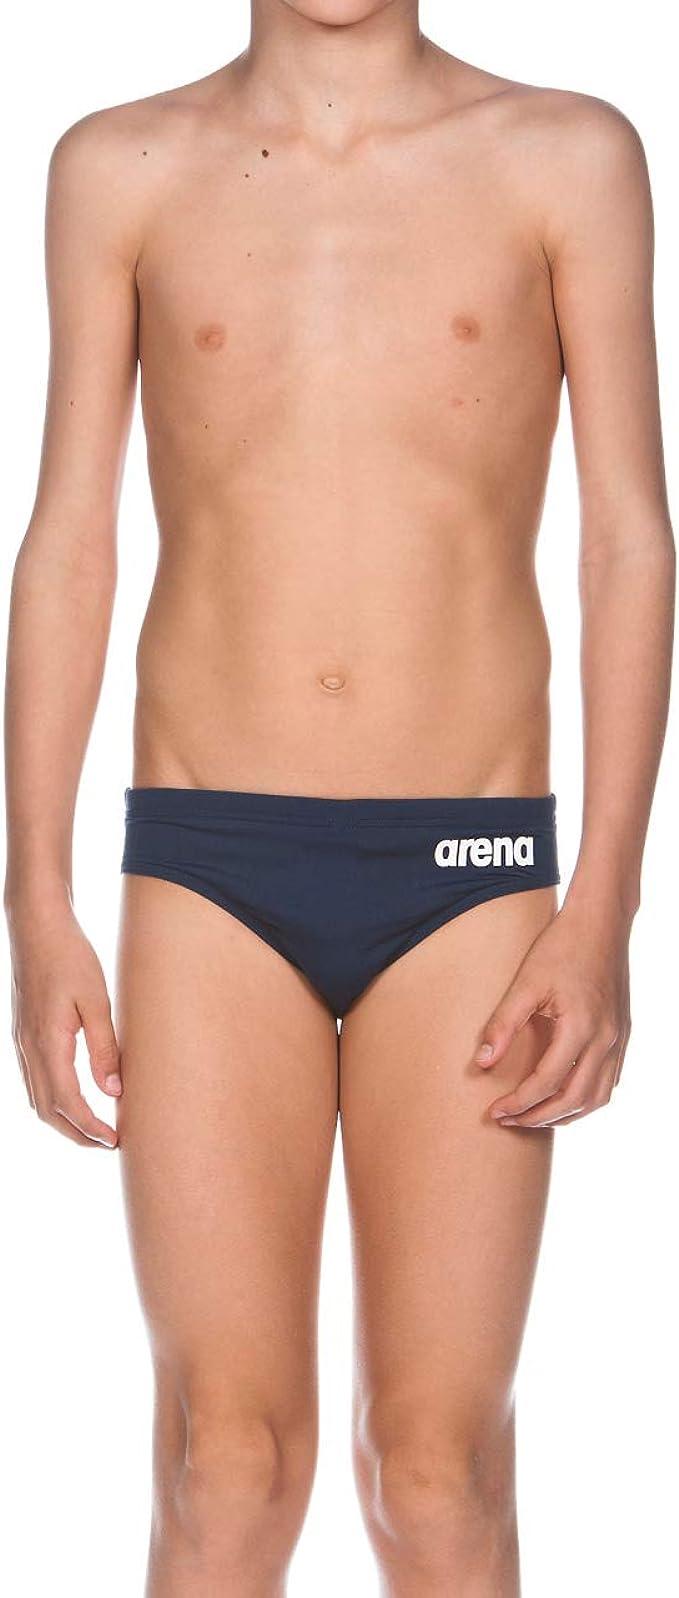 ARENA Jungen Jungen Slip Badehose Essentials Badehose